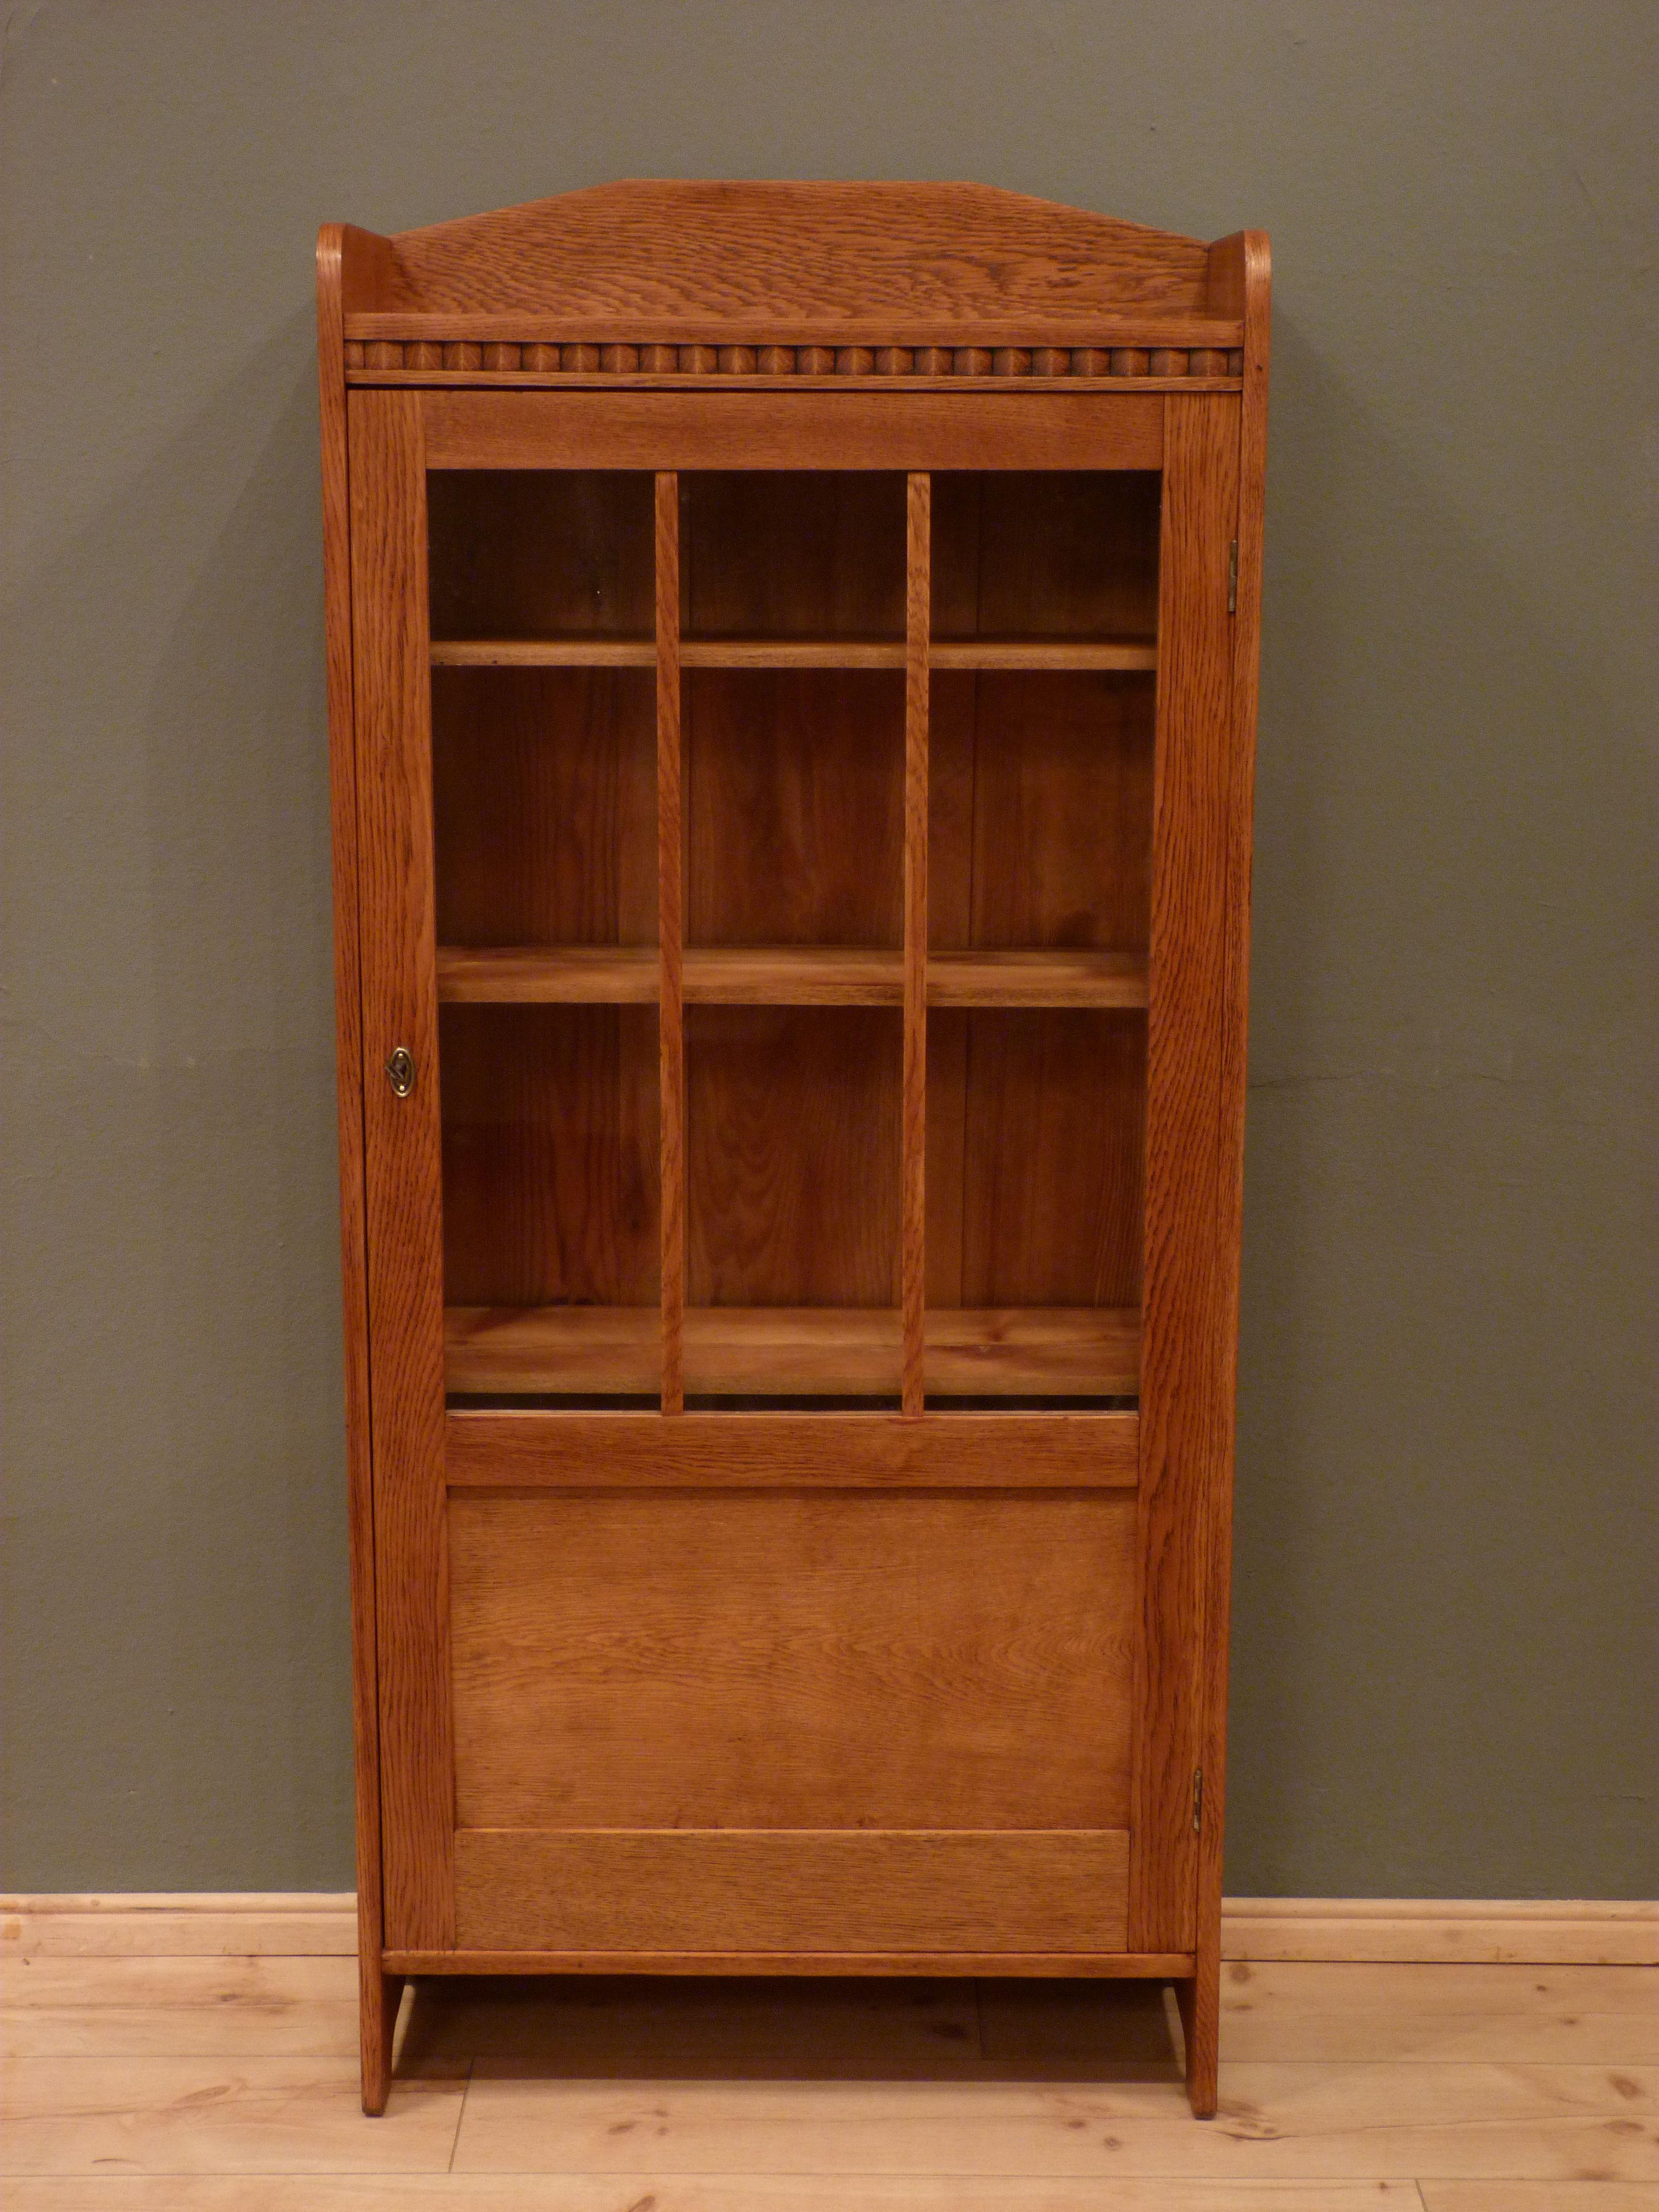 schlichter jugendstil b cher oder geschirrschrank eiche um 1920 antike m bel antique. Black Bedroom Furniture Sets. Home Design Ideas